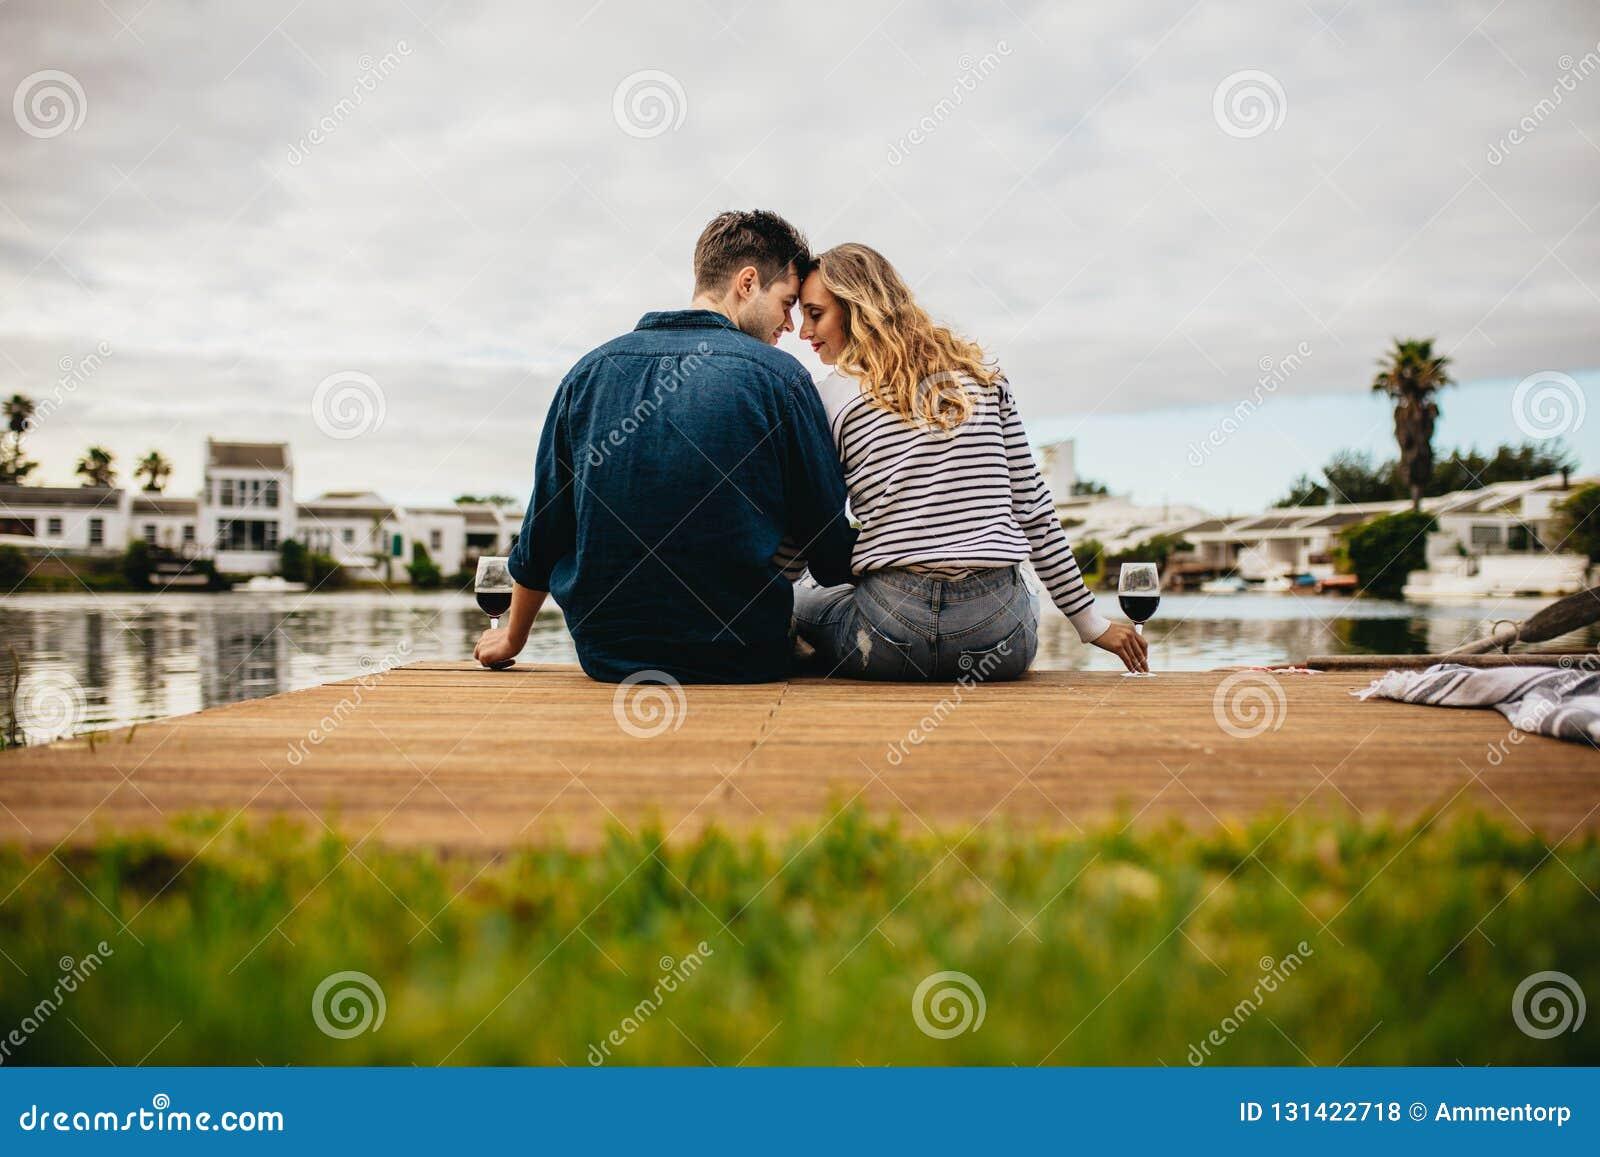 Vista posterior de un par en el amor que se sienta juntas tocando sus cabezas cerca de un lago Júntese en un día hacia fuera que